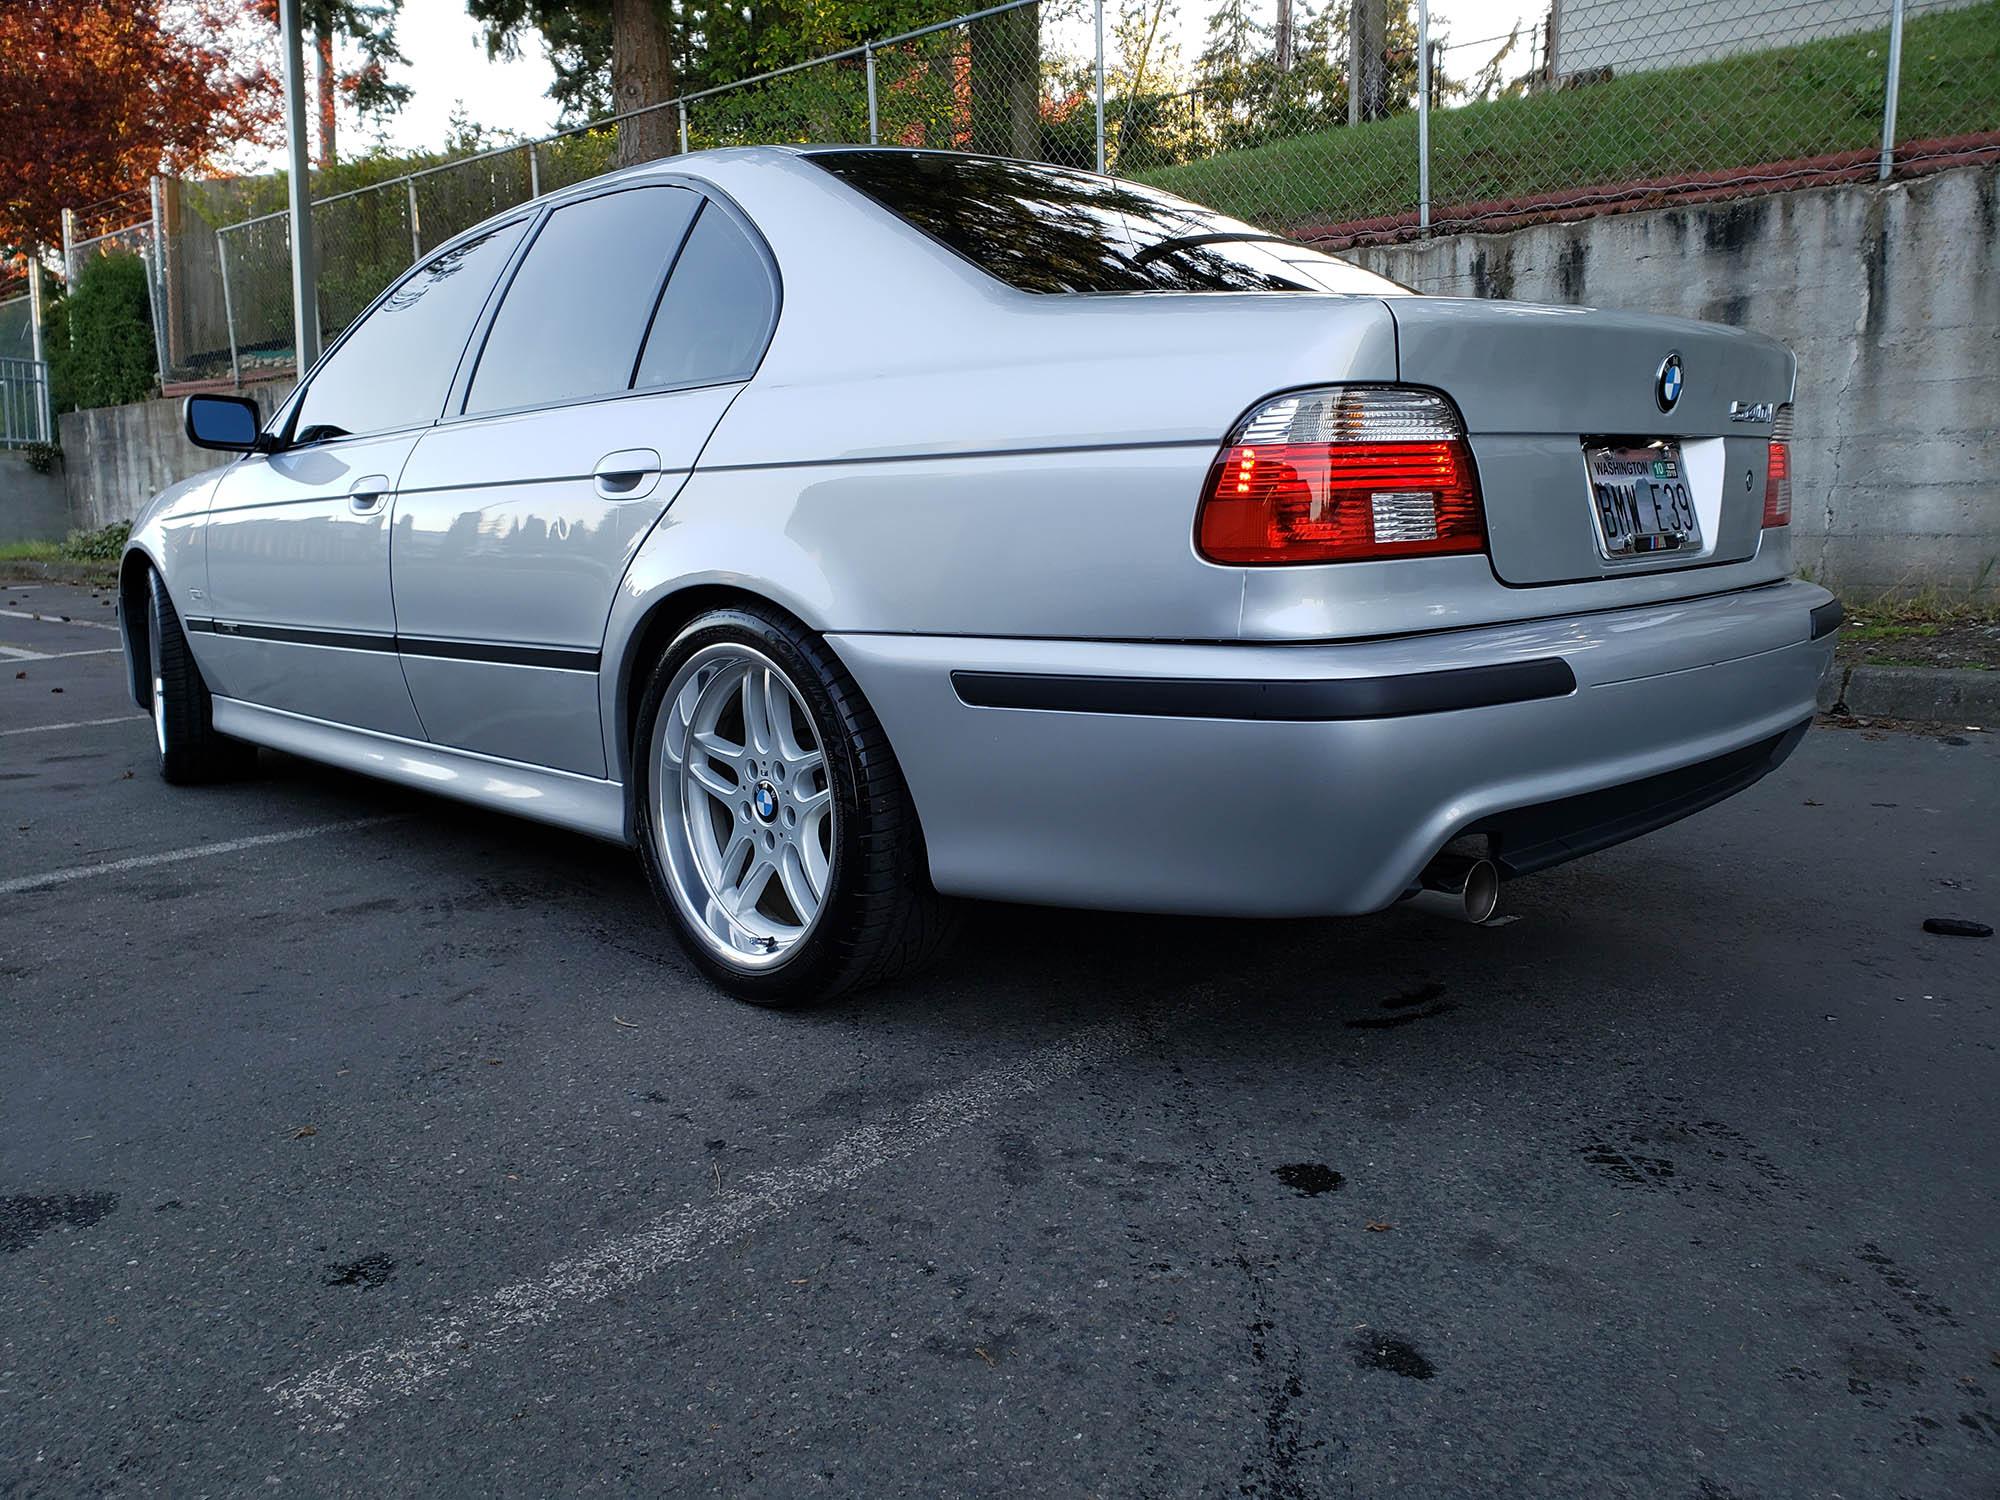 2003 BMW 540i Sedan